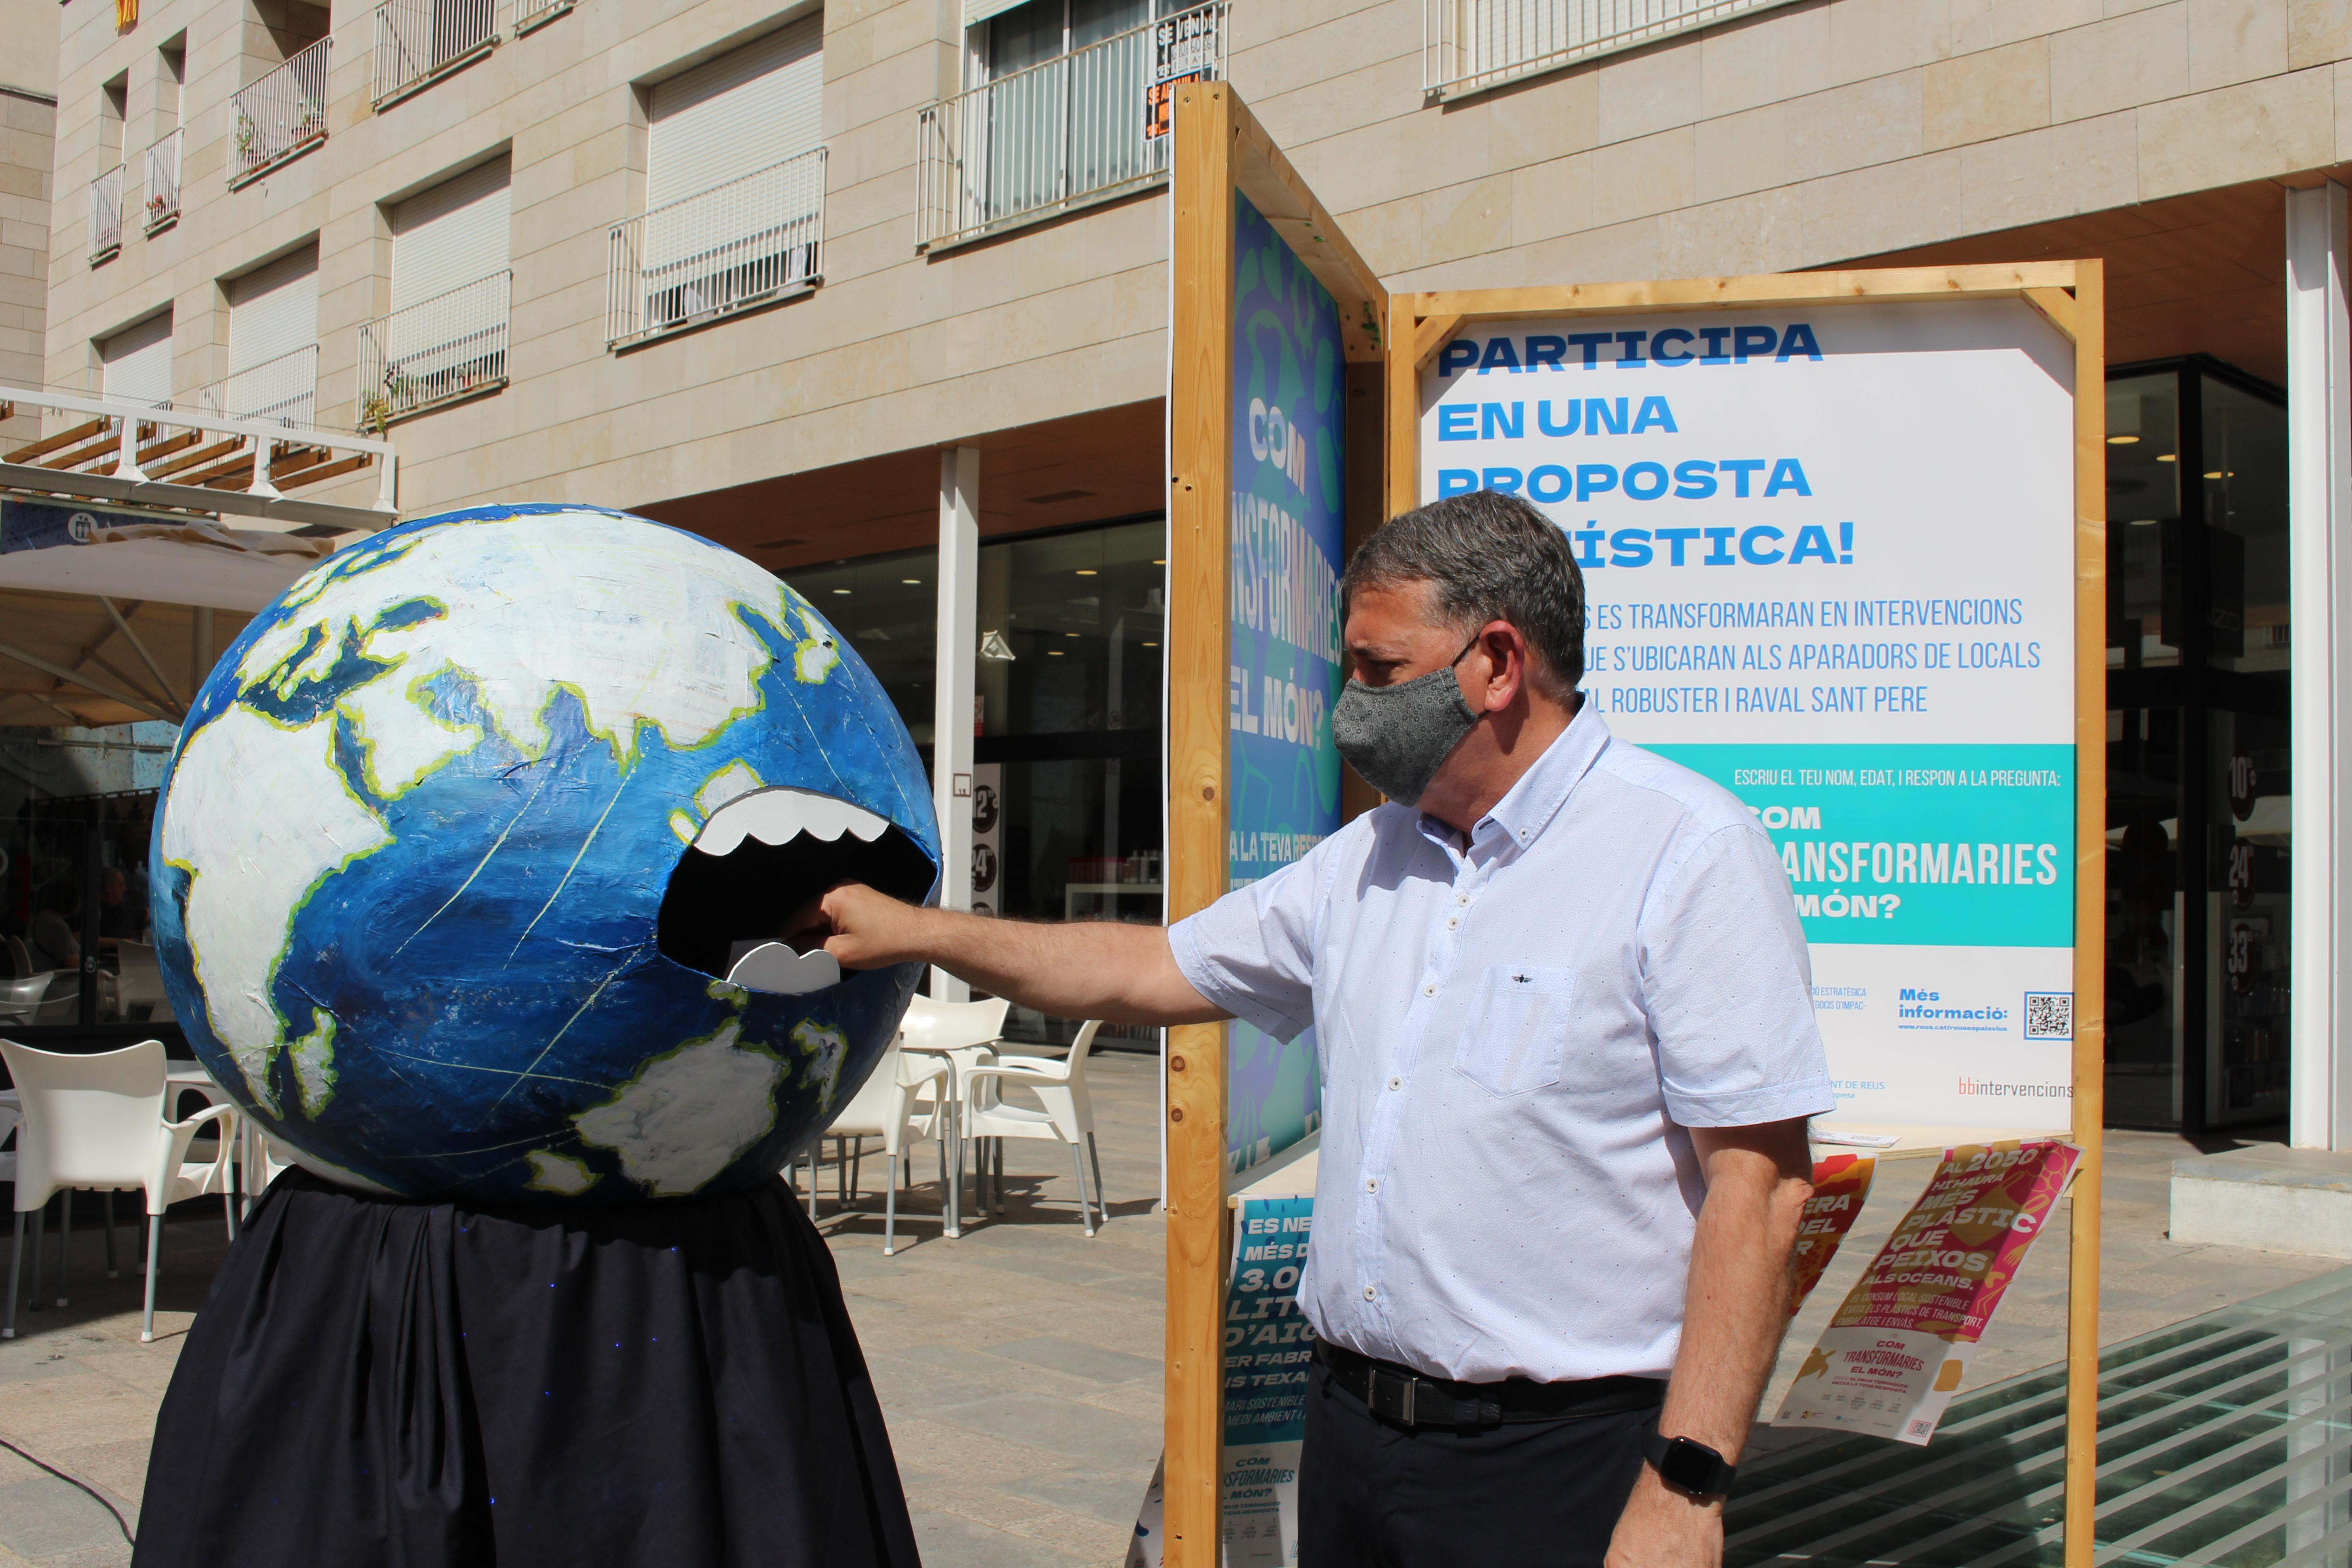 """La regidoria d'Empresa i Ocupació posa punt i final a la campanya participativa """"Com transformaries el món?"""", emmarcada en el project..."""